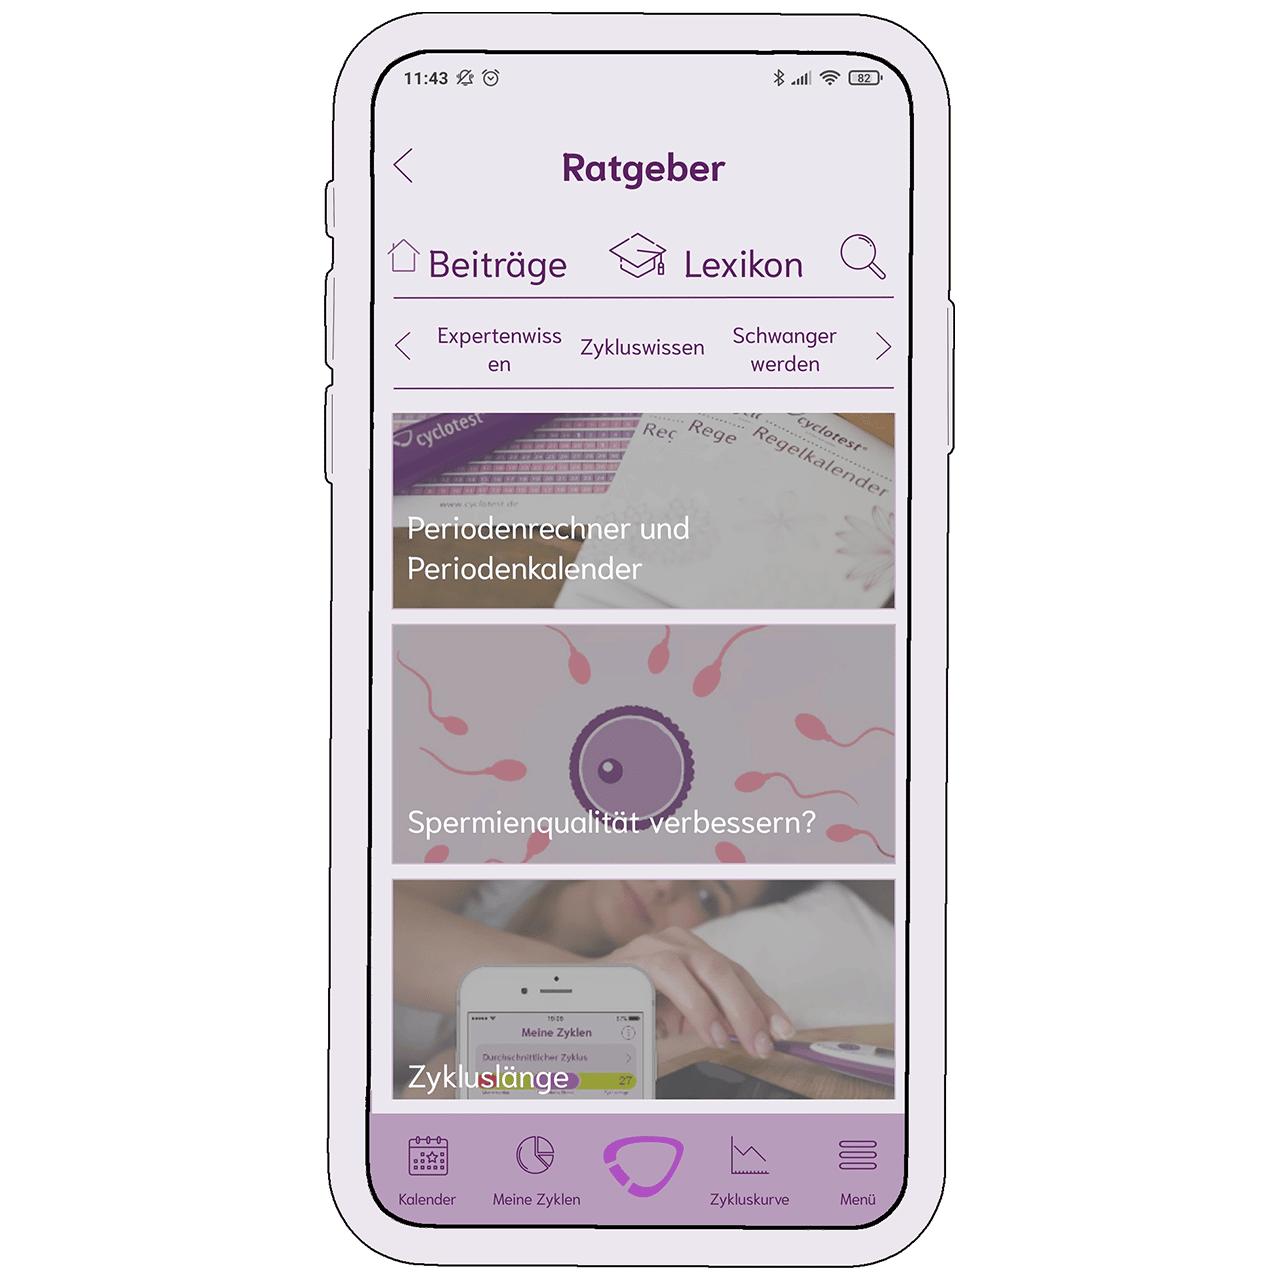 Ratgeber-Bereich in der cyclotest mySense-App